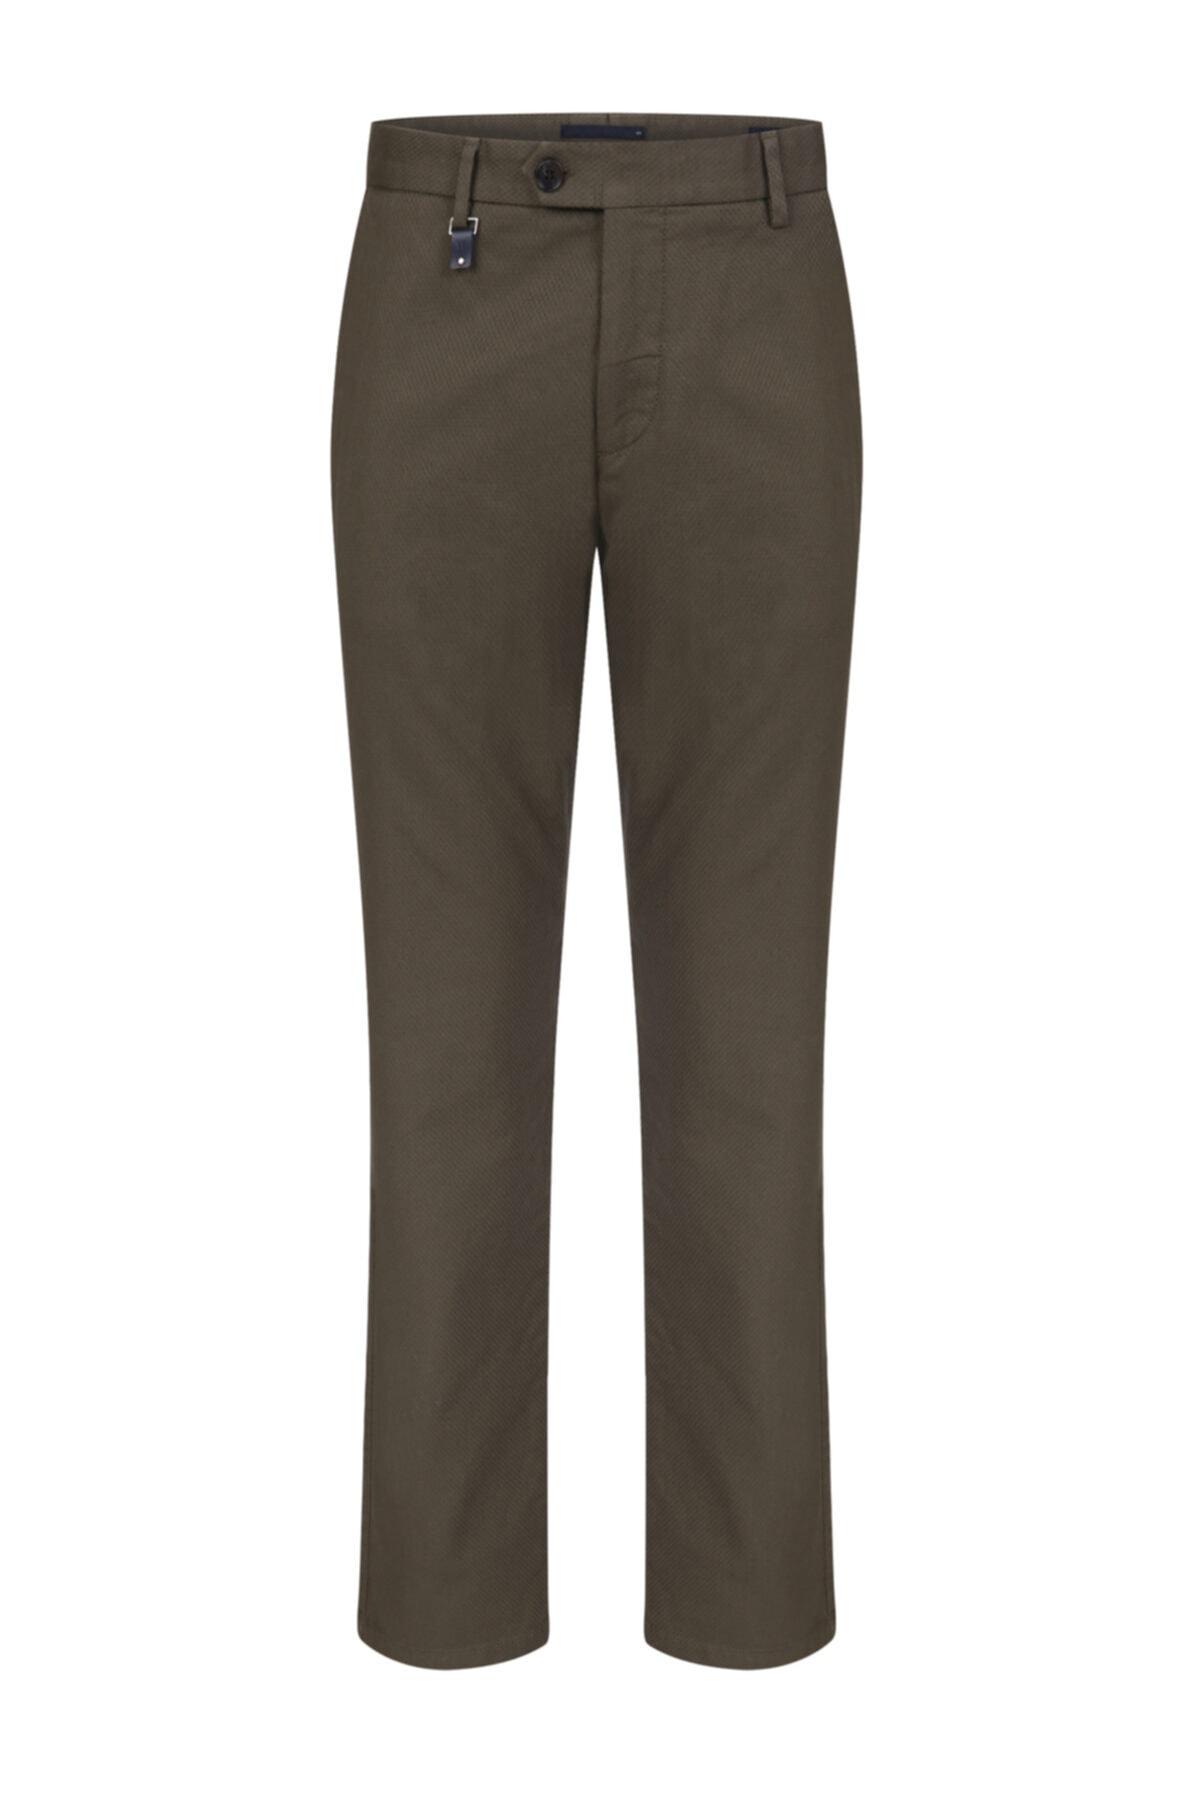 Yeşil Mıcro Desen Chıno Pantolon